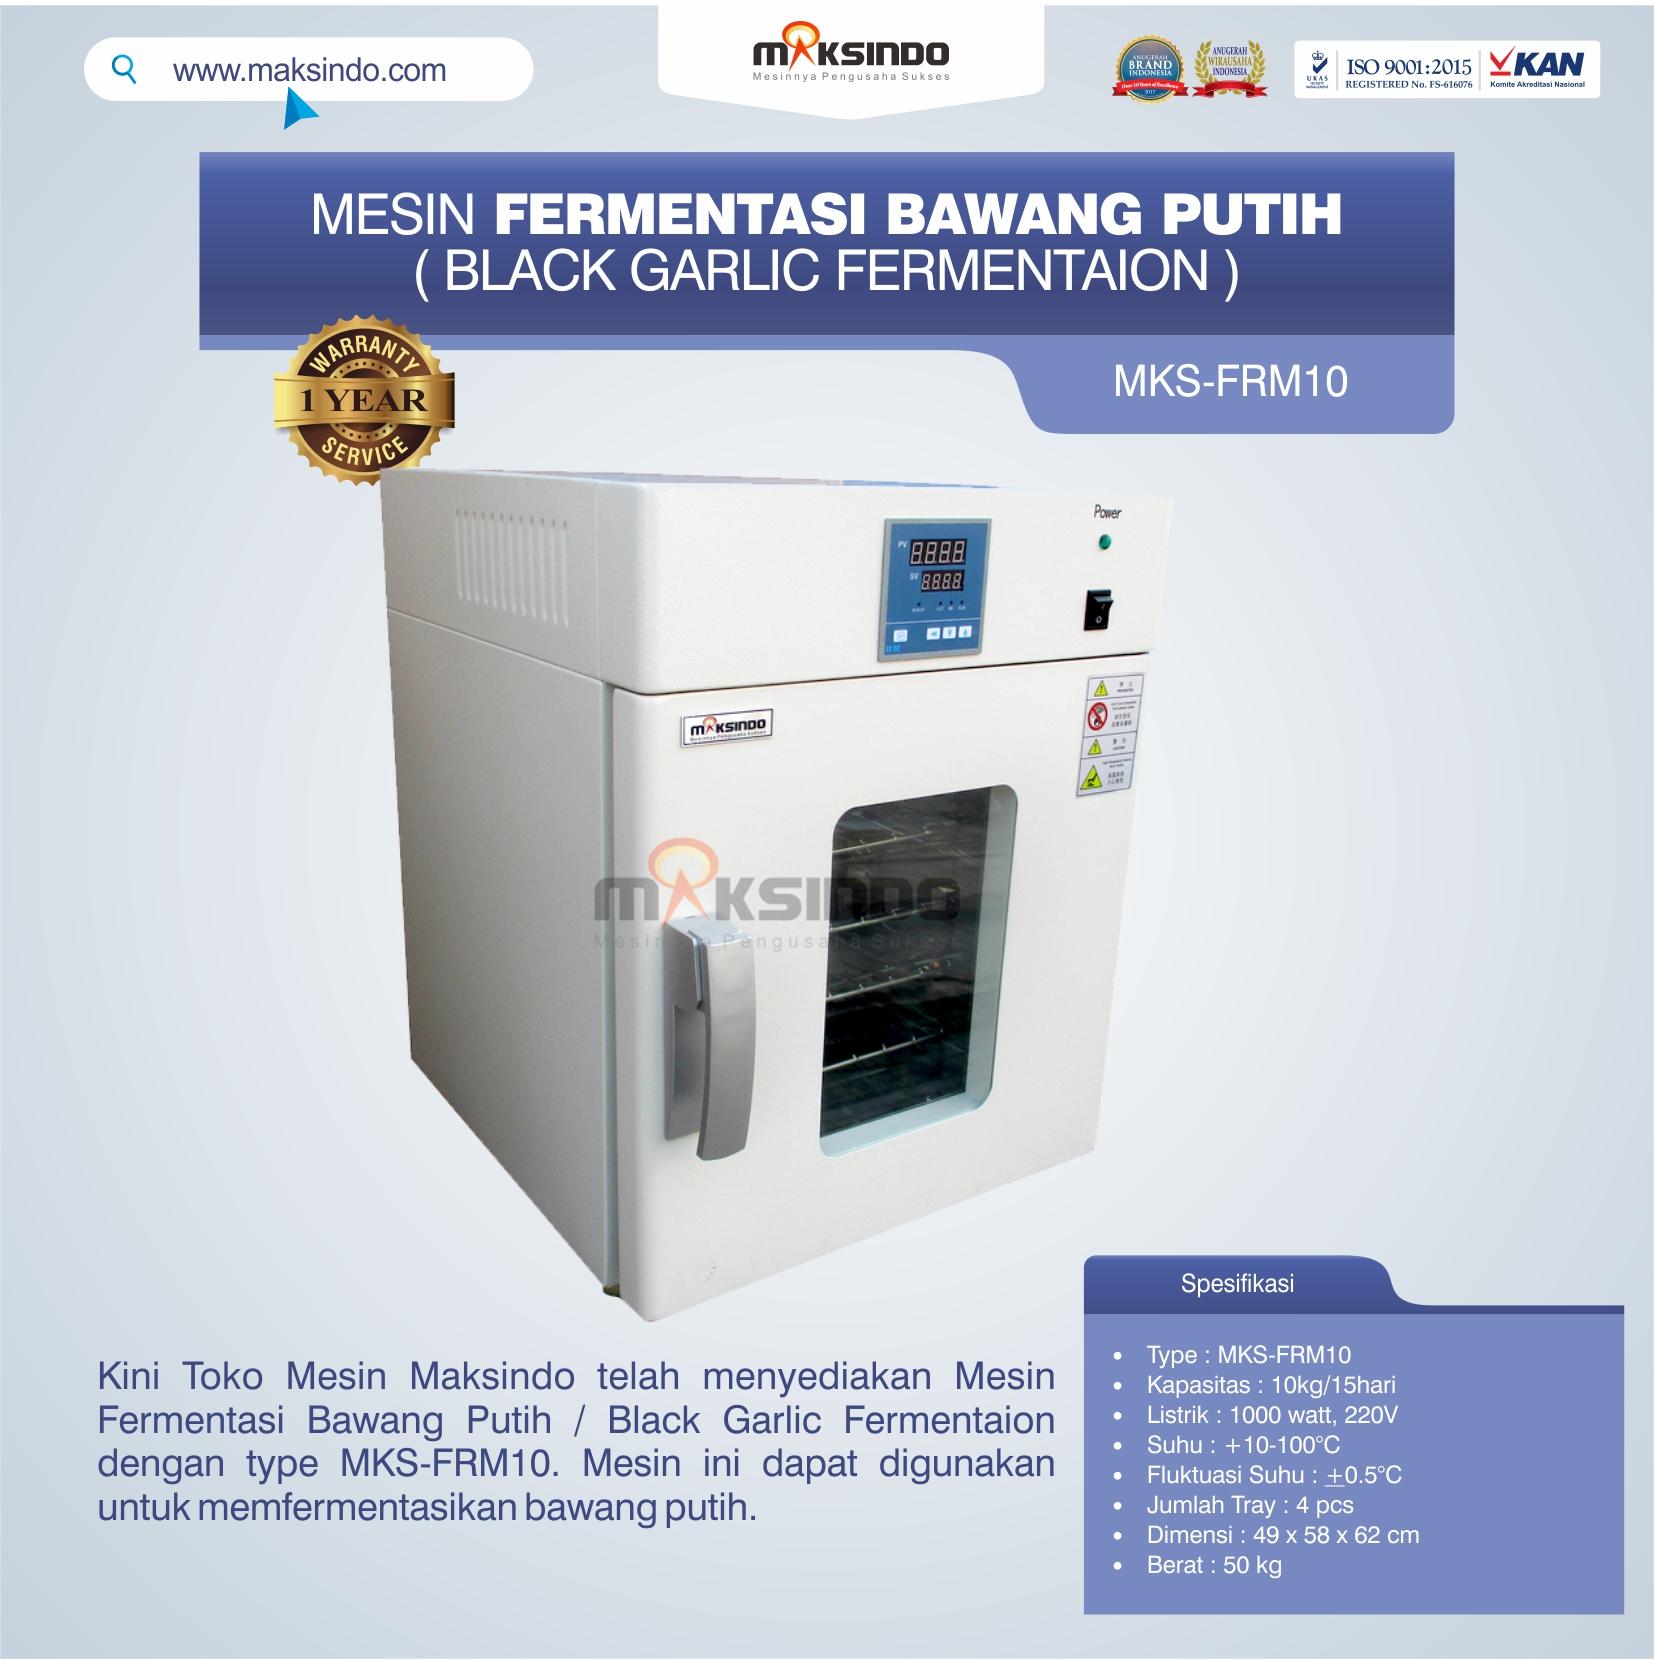 Jual Mesin Fermentasi Bawang Putih / Black Garlic Fermentaion MKS-FRM10 di Mataram